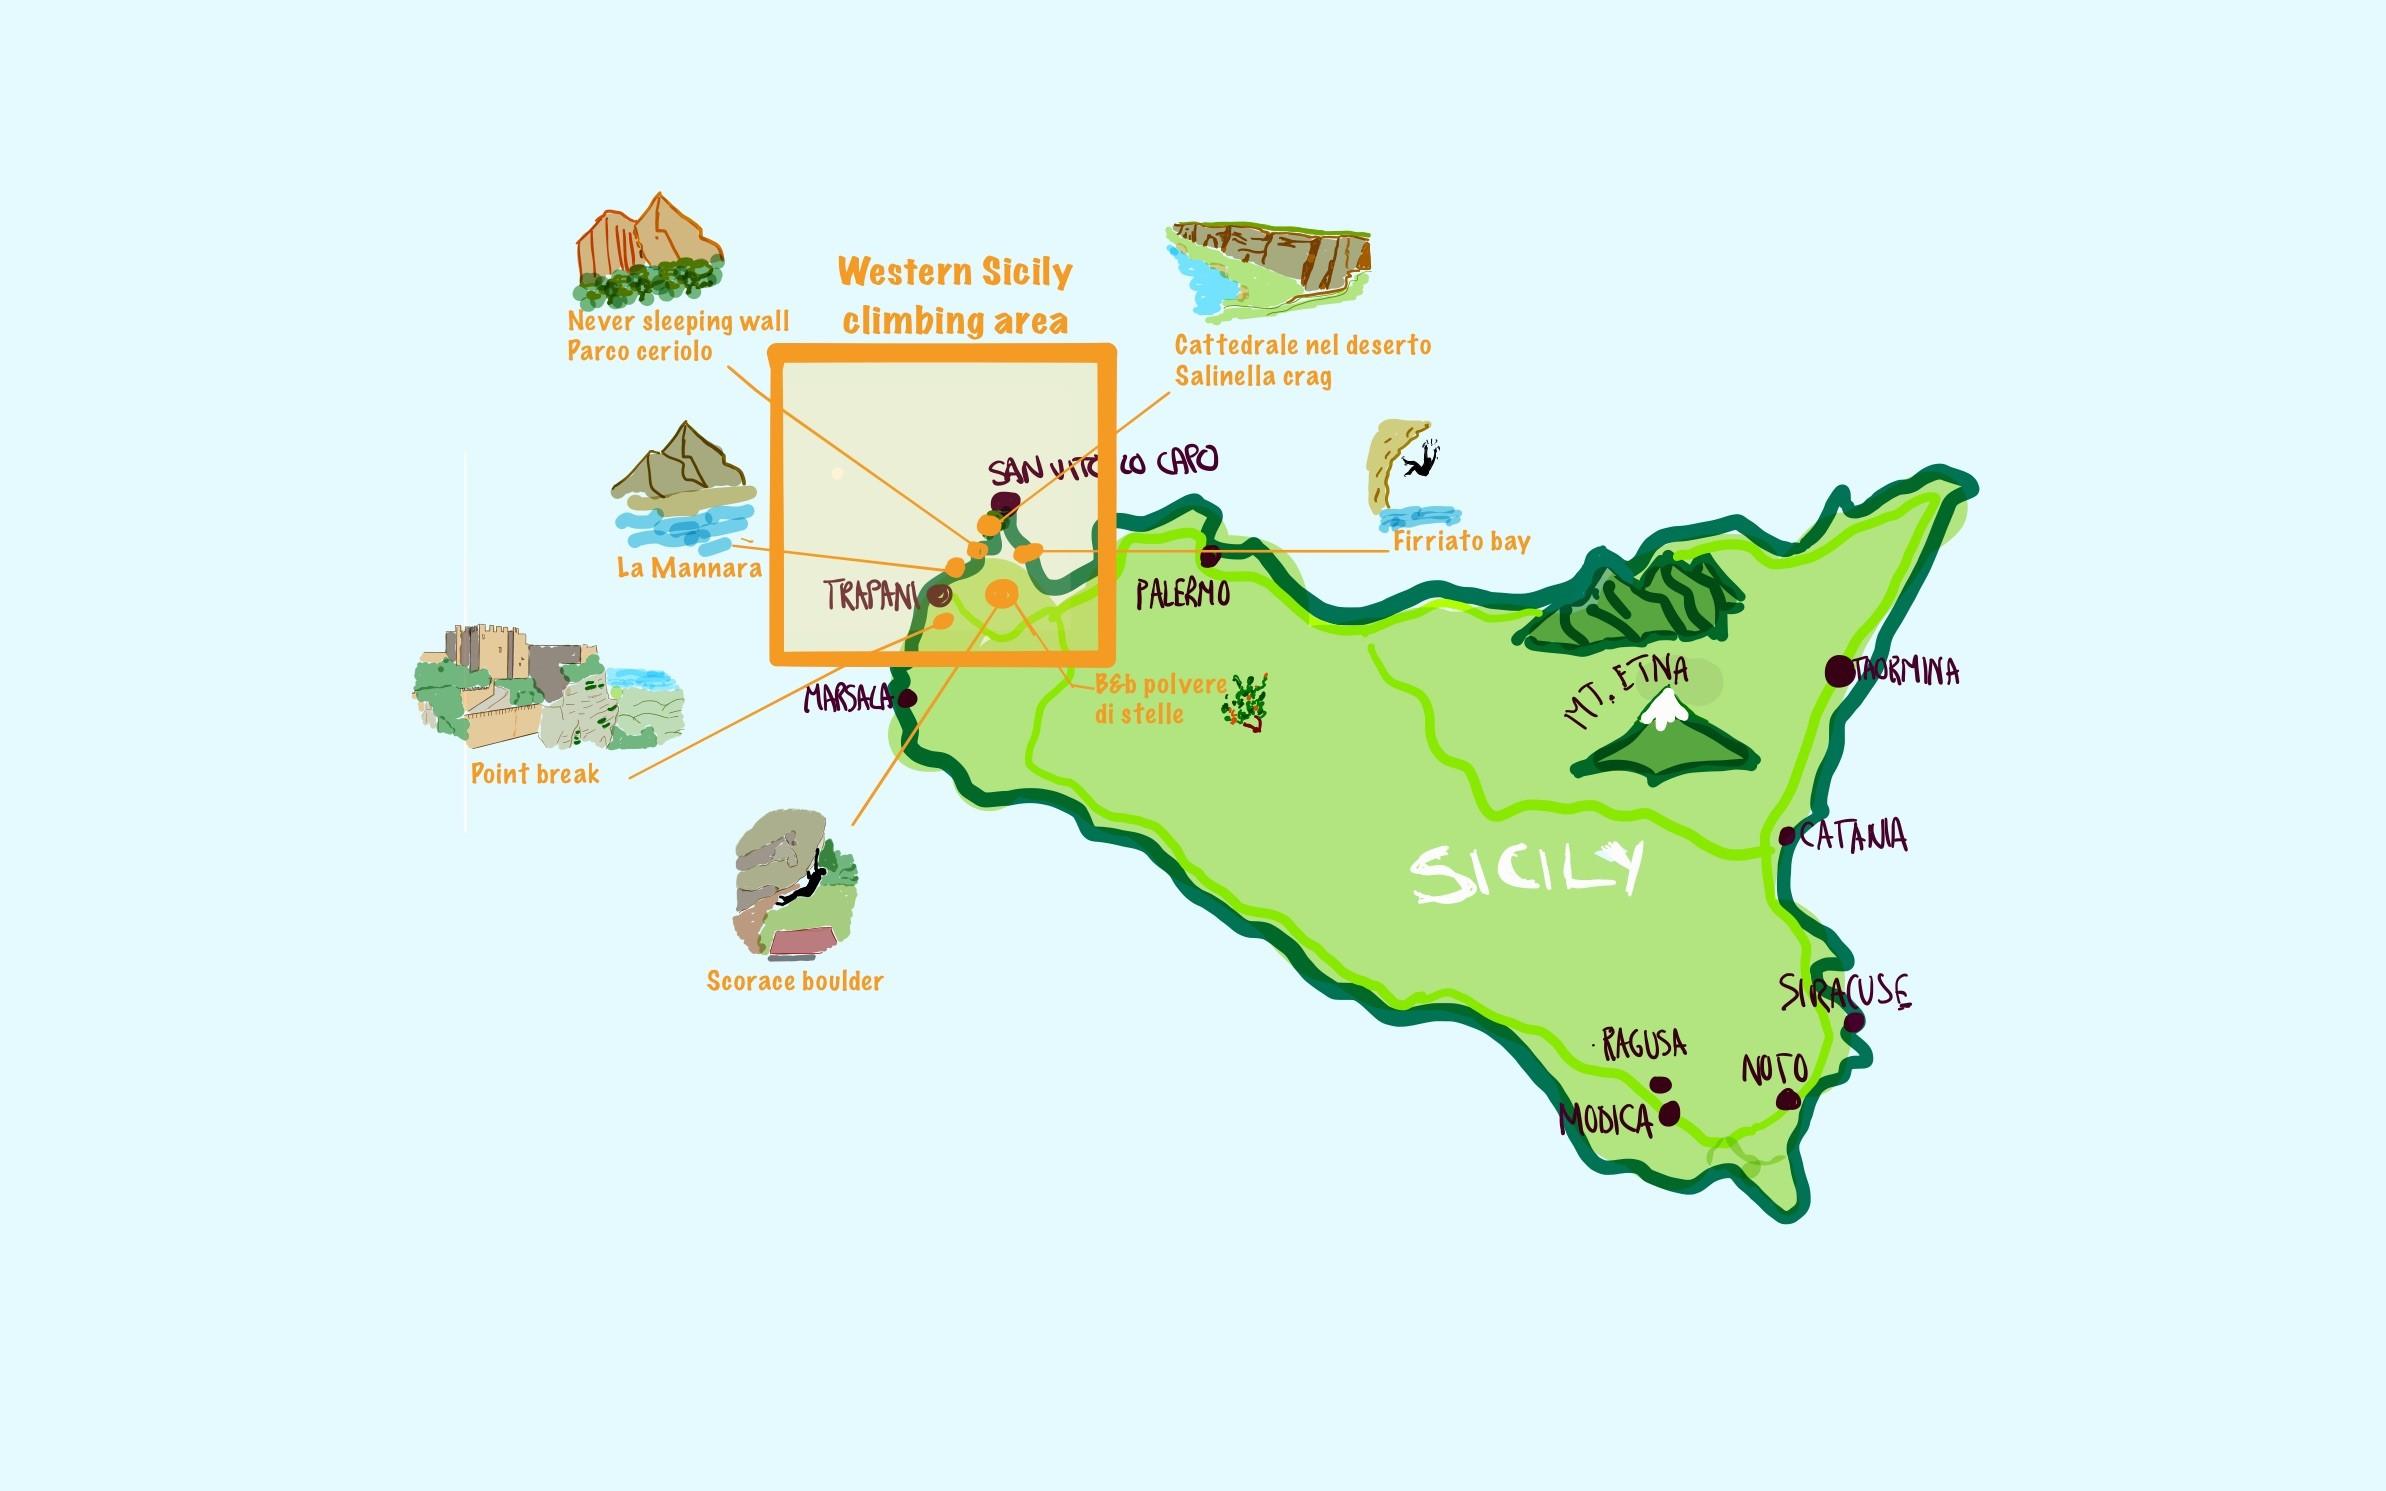 Mappa a colori disegnata a mano di Sicilia con l'Etna e le città principali